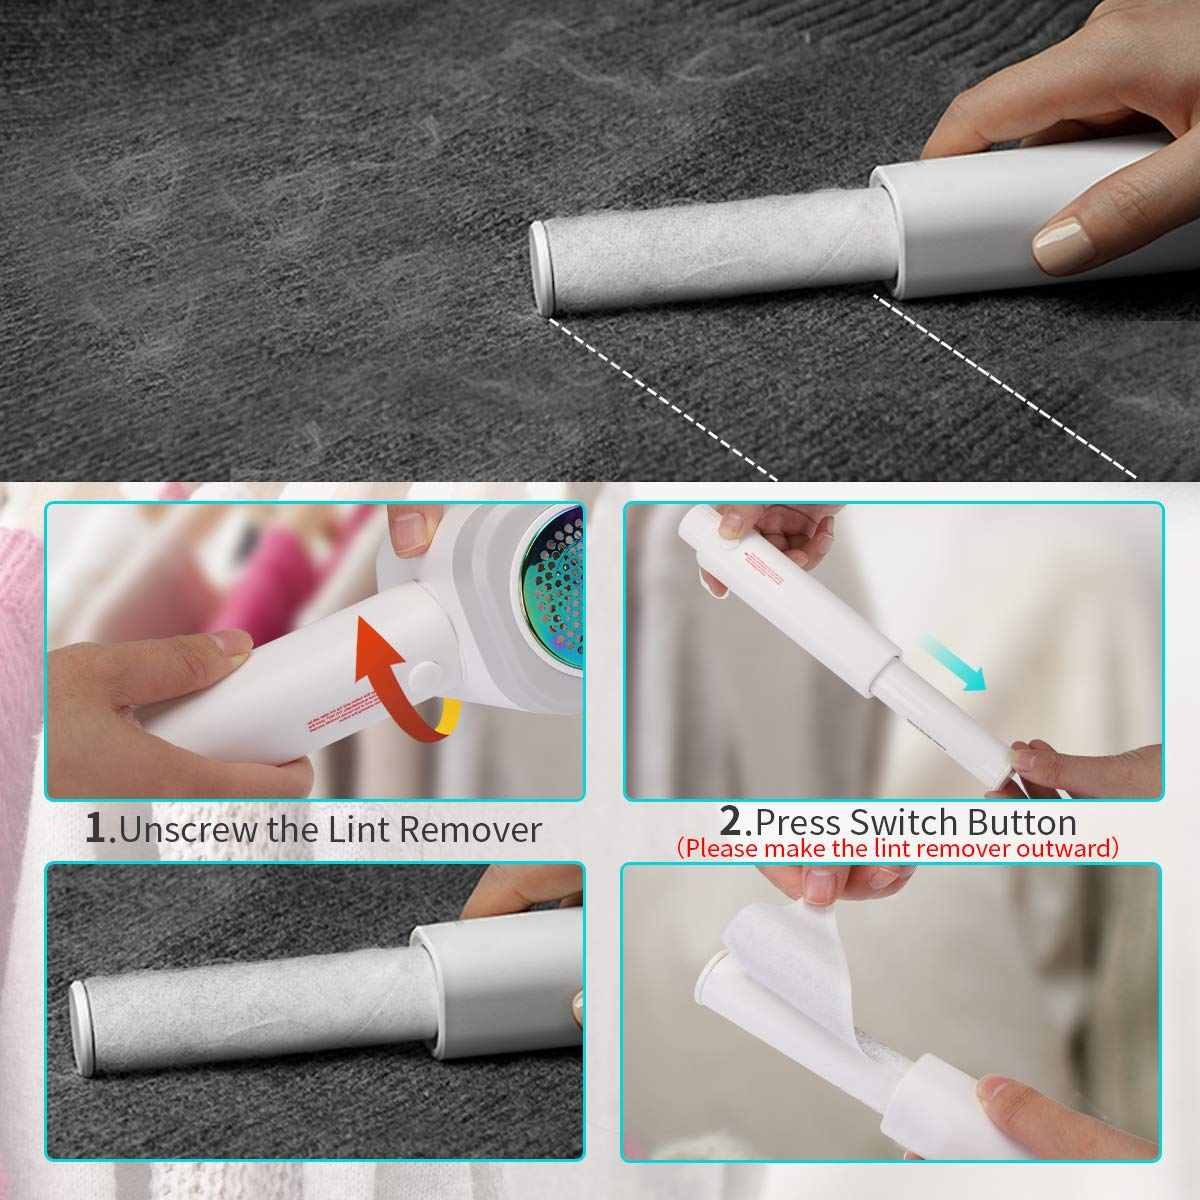 Morpilot Rasoir à Bouloches Electrique avec Rouleau de Papier Collant,2 en 1 Rasoir Anti-Peluche USB Charger Batterie Rechargeable Pour Chandails/Vêtements/lainage/Rideaux